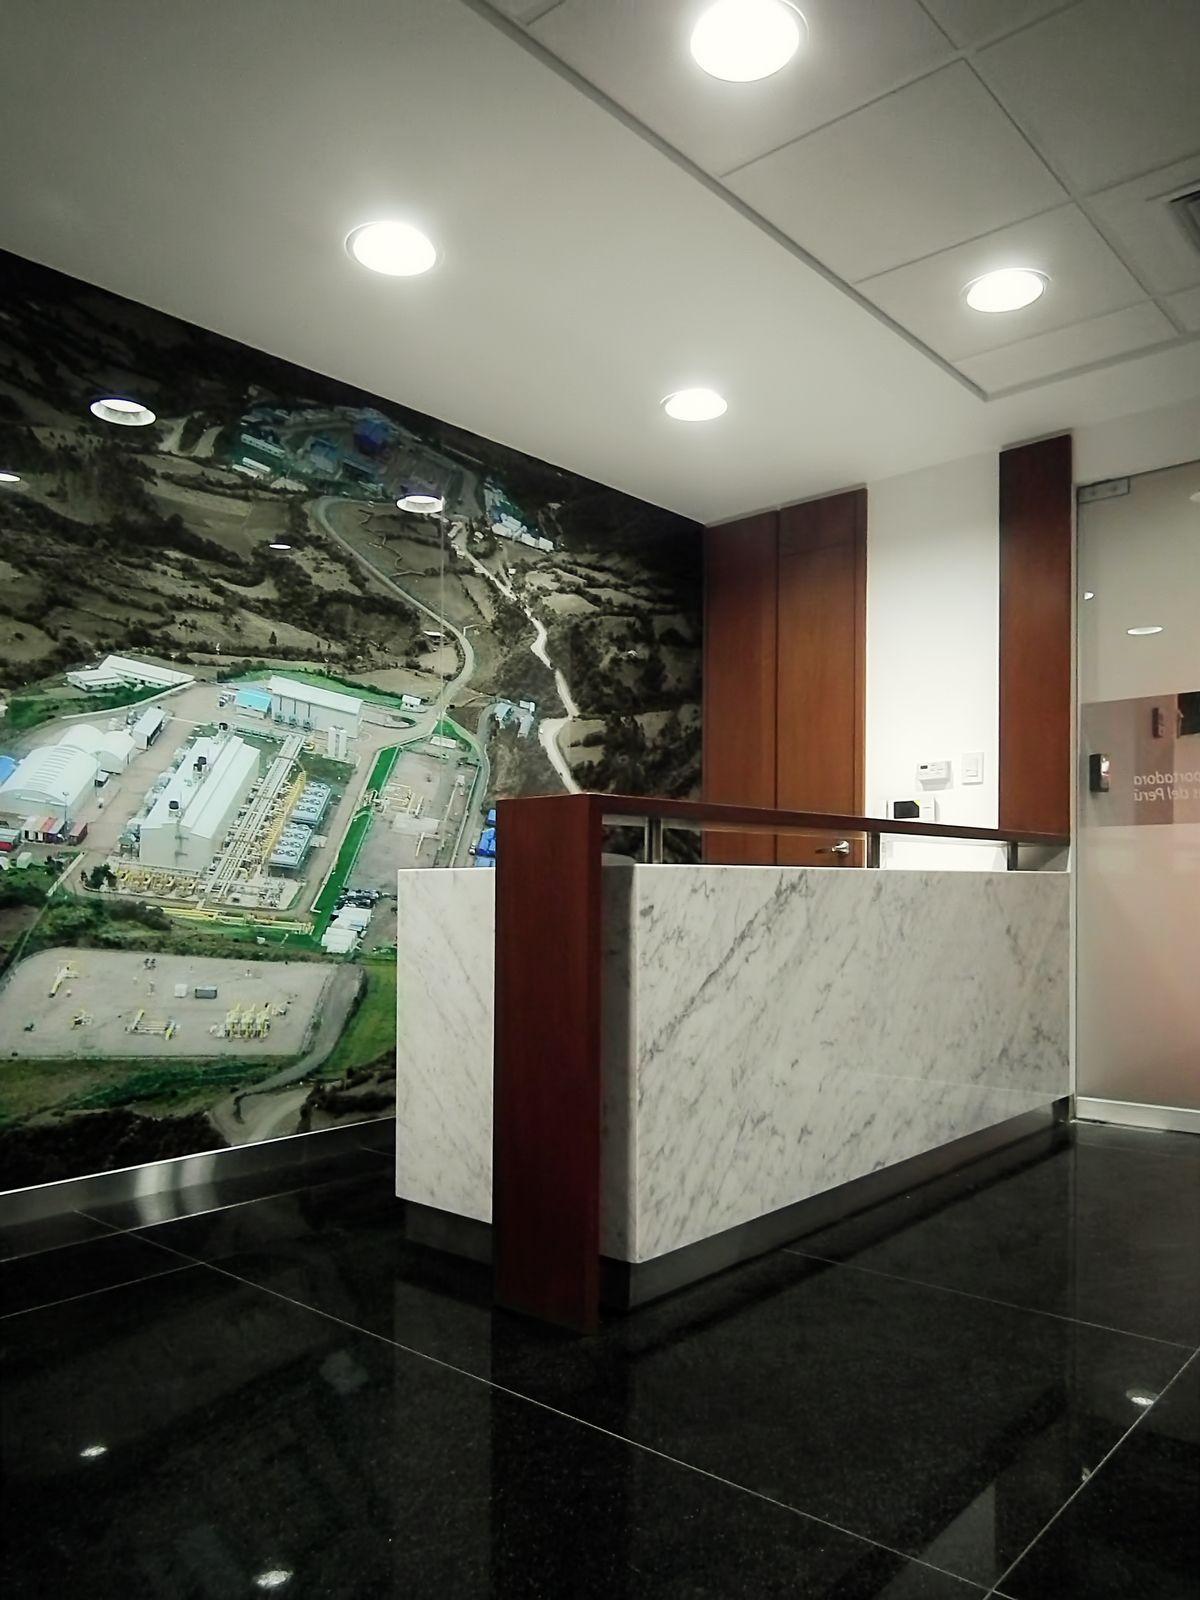 Dise o de recepci n oficinas coga dise o s xl for Diseno de interiores para oficinas pequenas